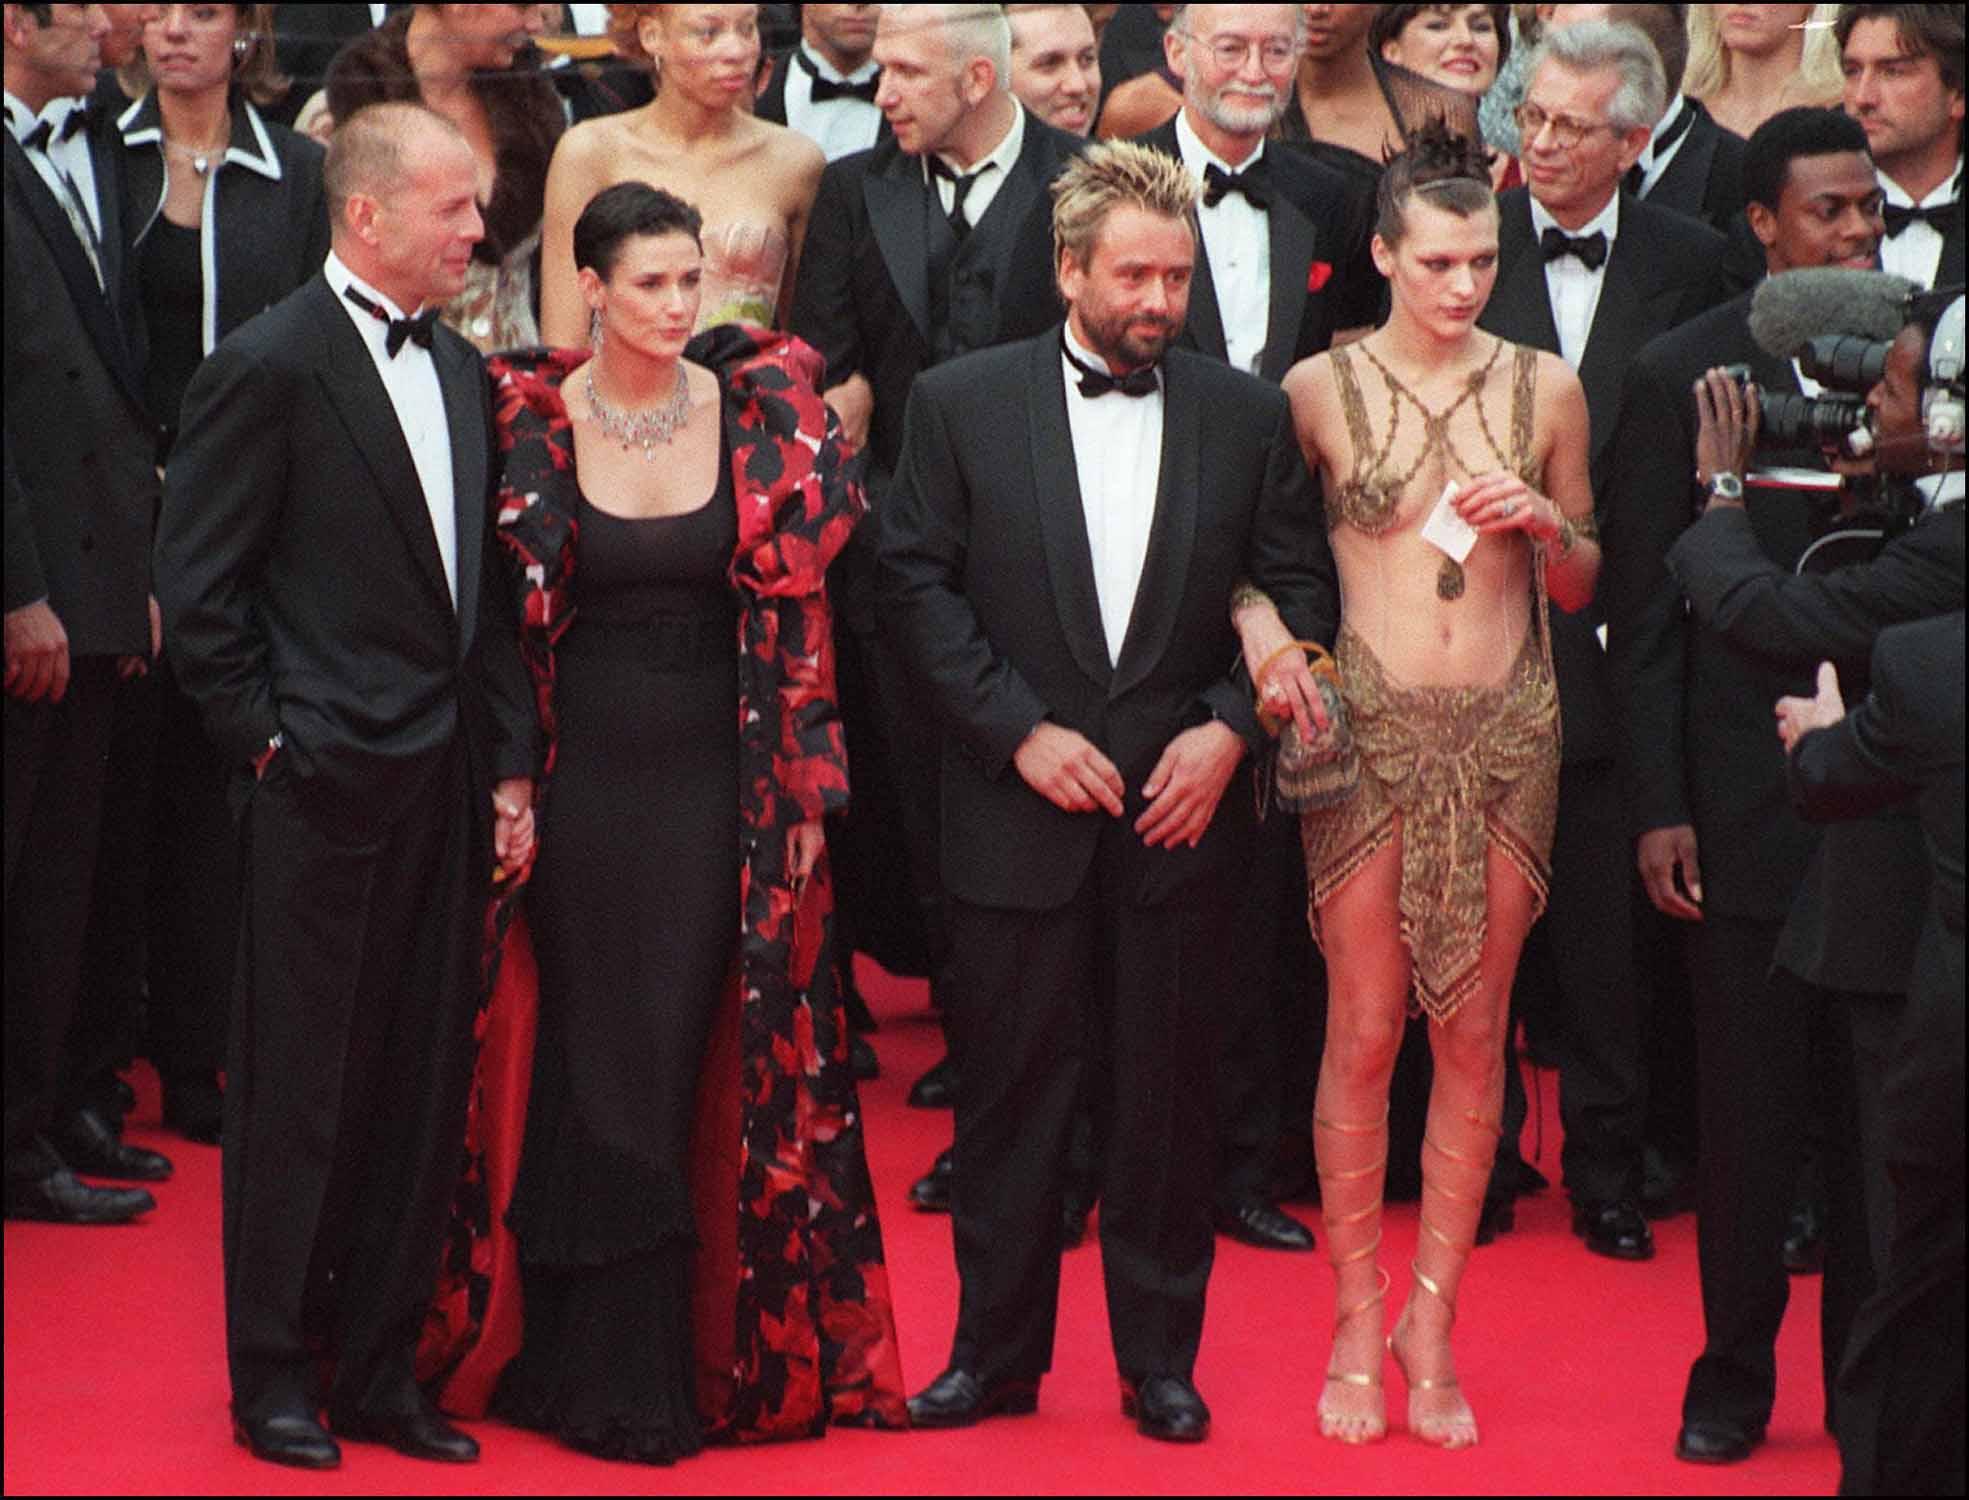 50वें कैन फिल्म फेस्टिवल के रेट कार्पेट पर ब्रूस विलिस, डेमी मूर, फिल्म 'द फिफ्थ एलीमेंट' के डायरेक्टर लुक बेसन और मिला जोवोविच (बाएं से दाएं).